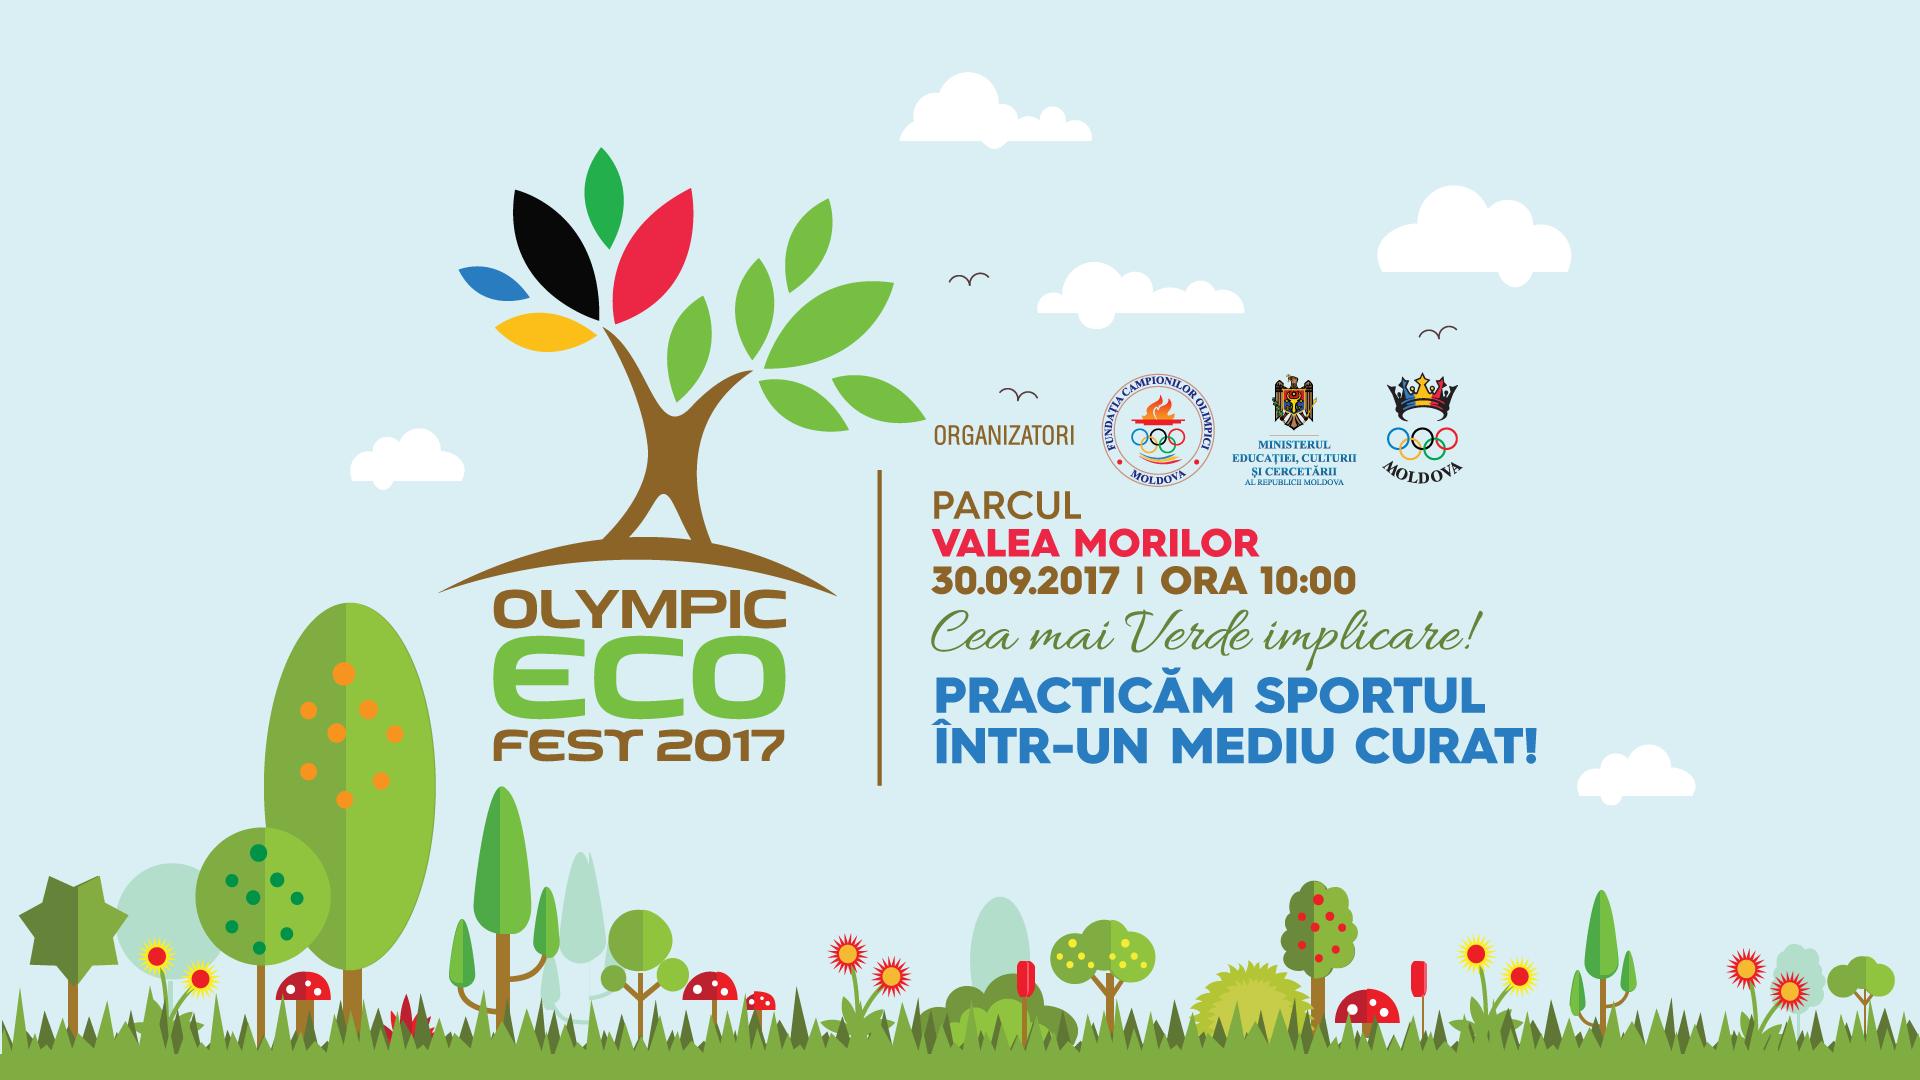 Comunicat de presă: OLYMPIC ECO FEST 2017 – Cea mai verde implicare!